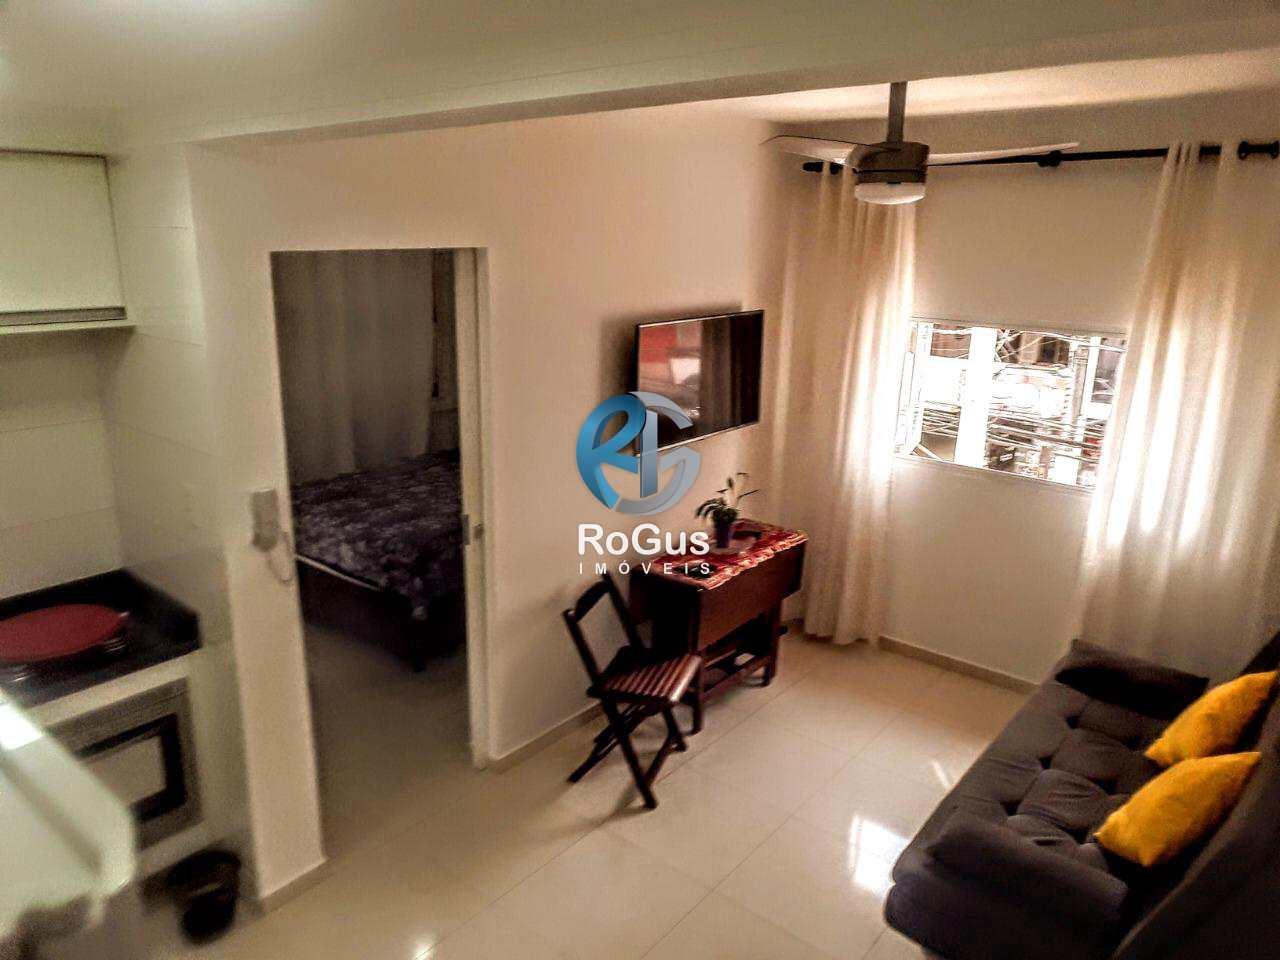 Locação 1 dorm, mobiliado no Gonzaga, Santos, Cod: 799